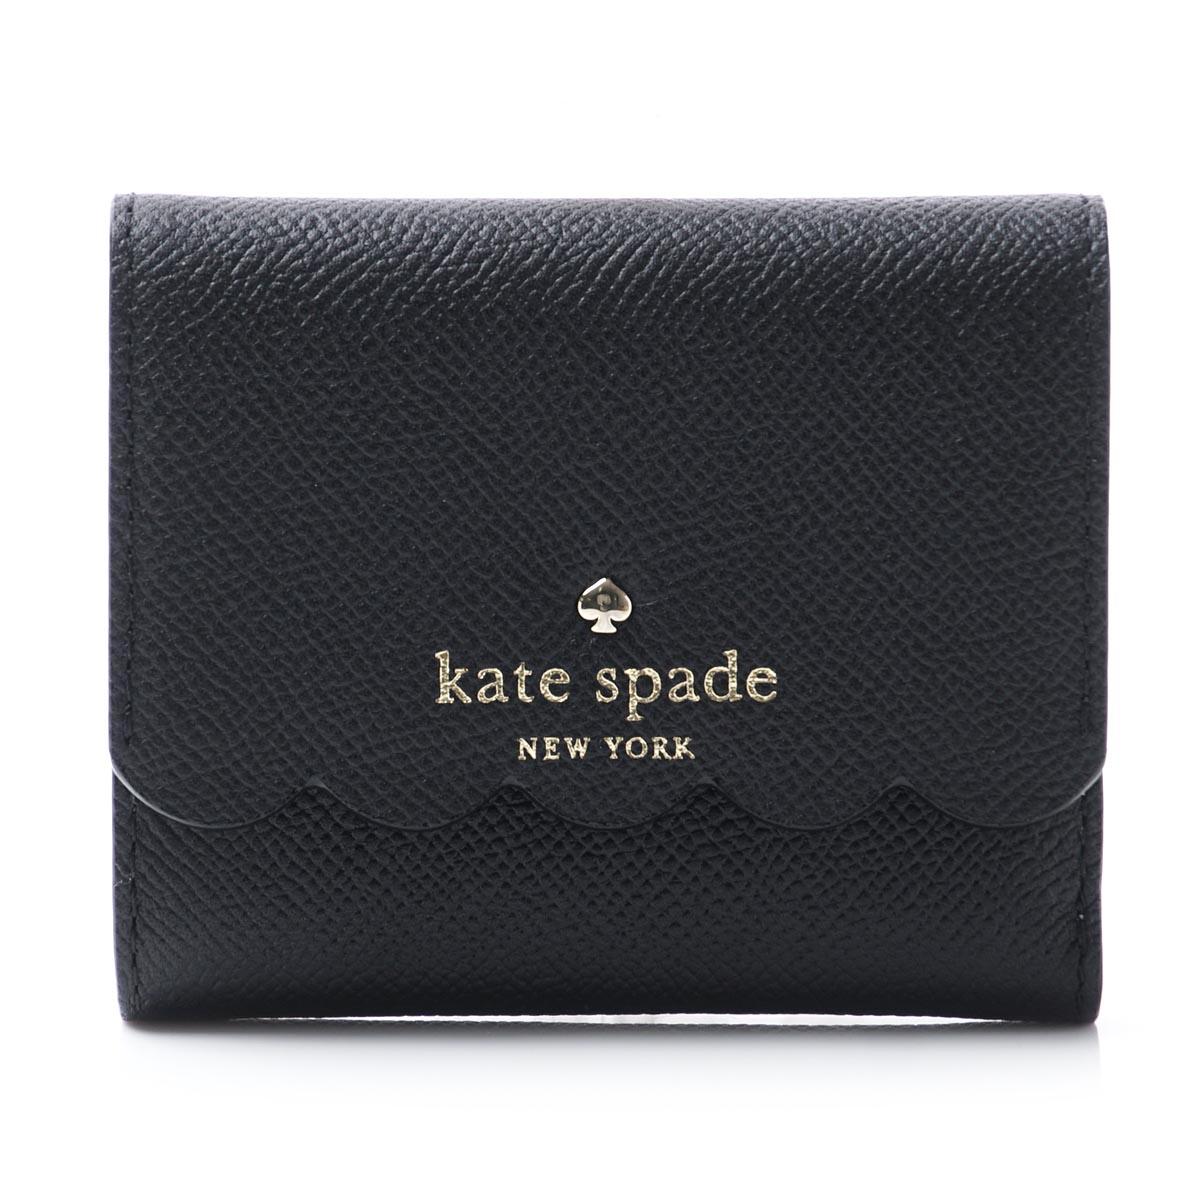 有凱特黑桃Kate Spade 3個機會錢包硬幣袋的MORRIS LANE JADA LEATHER BLACK×CEMENT黑色派jada pwru5558 067女士